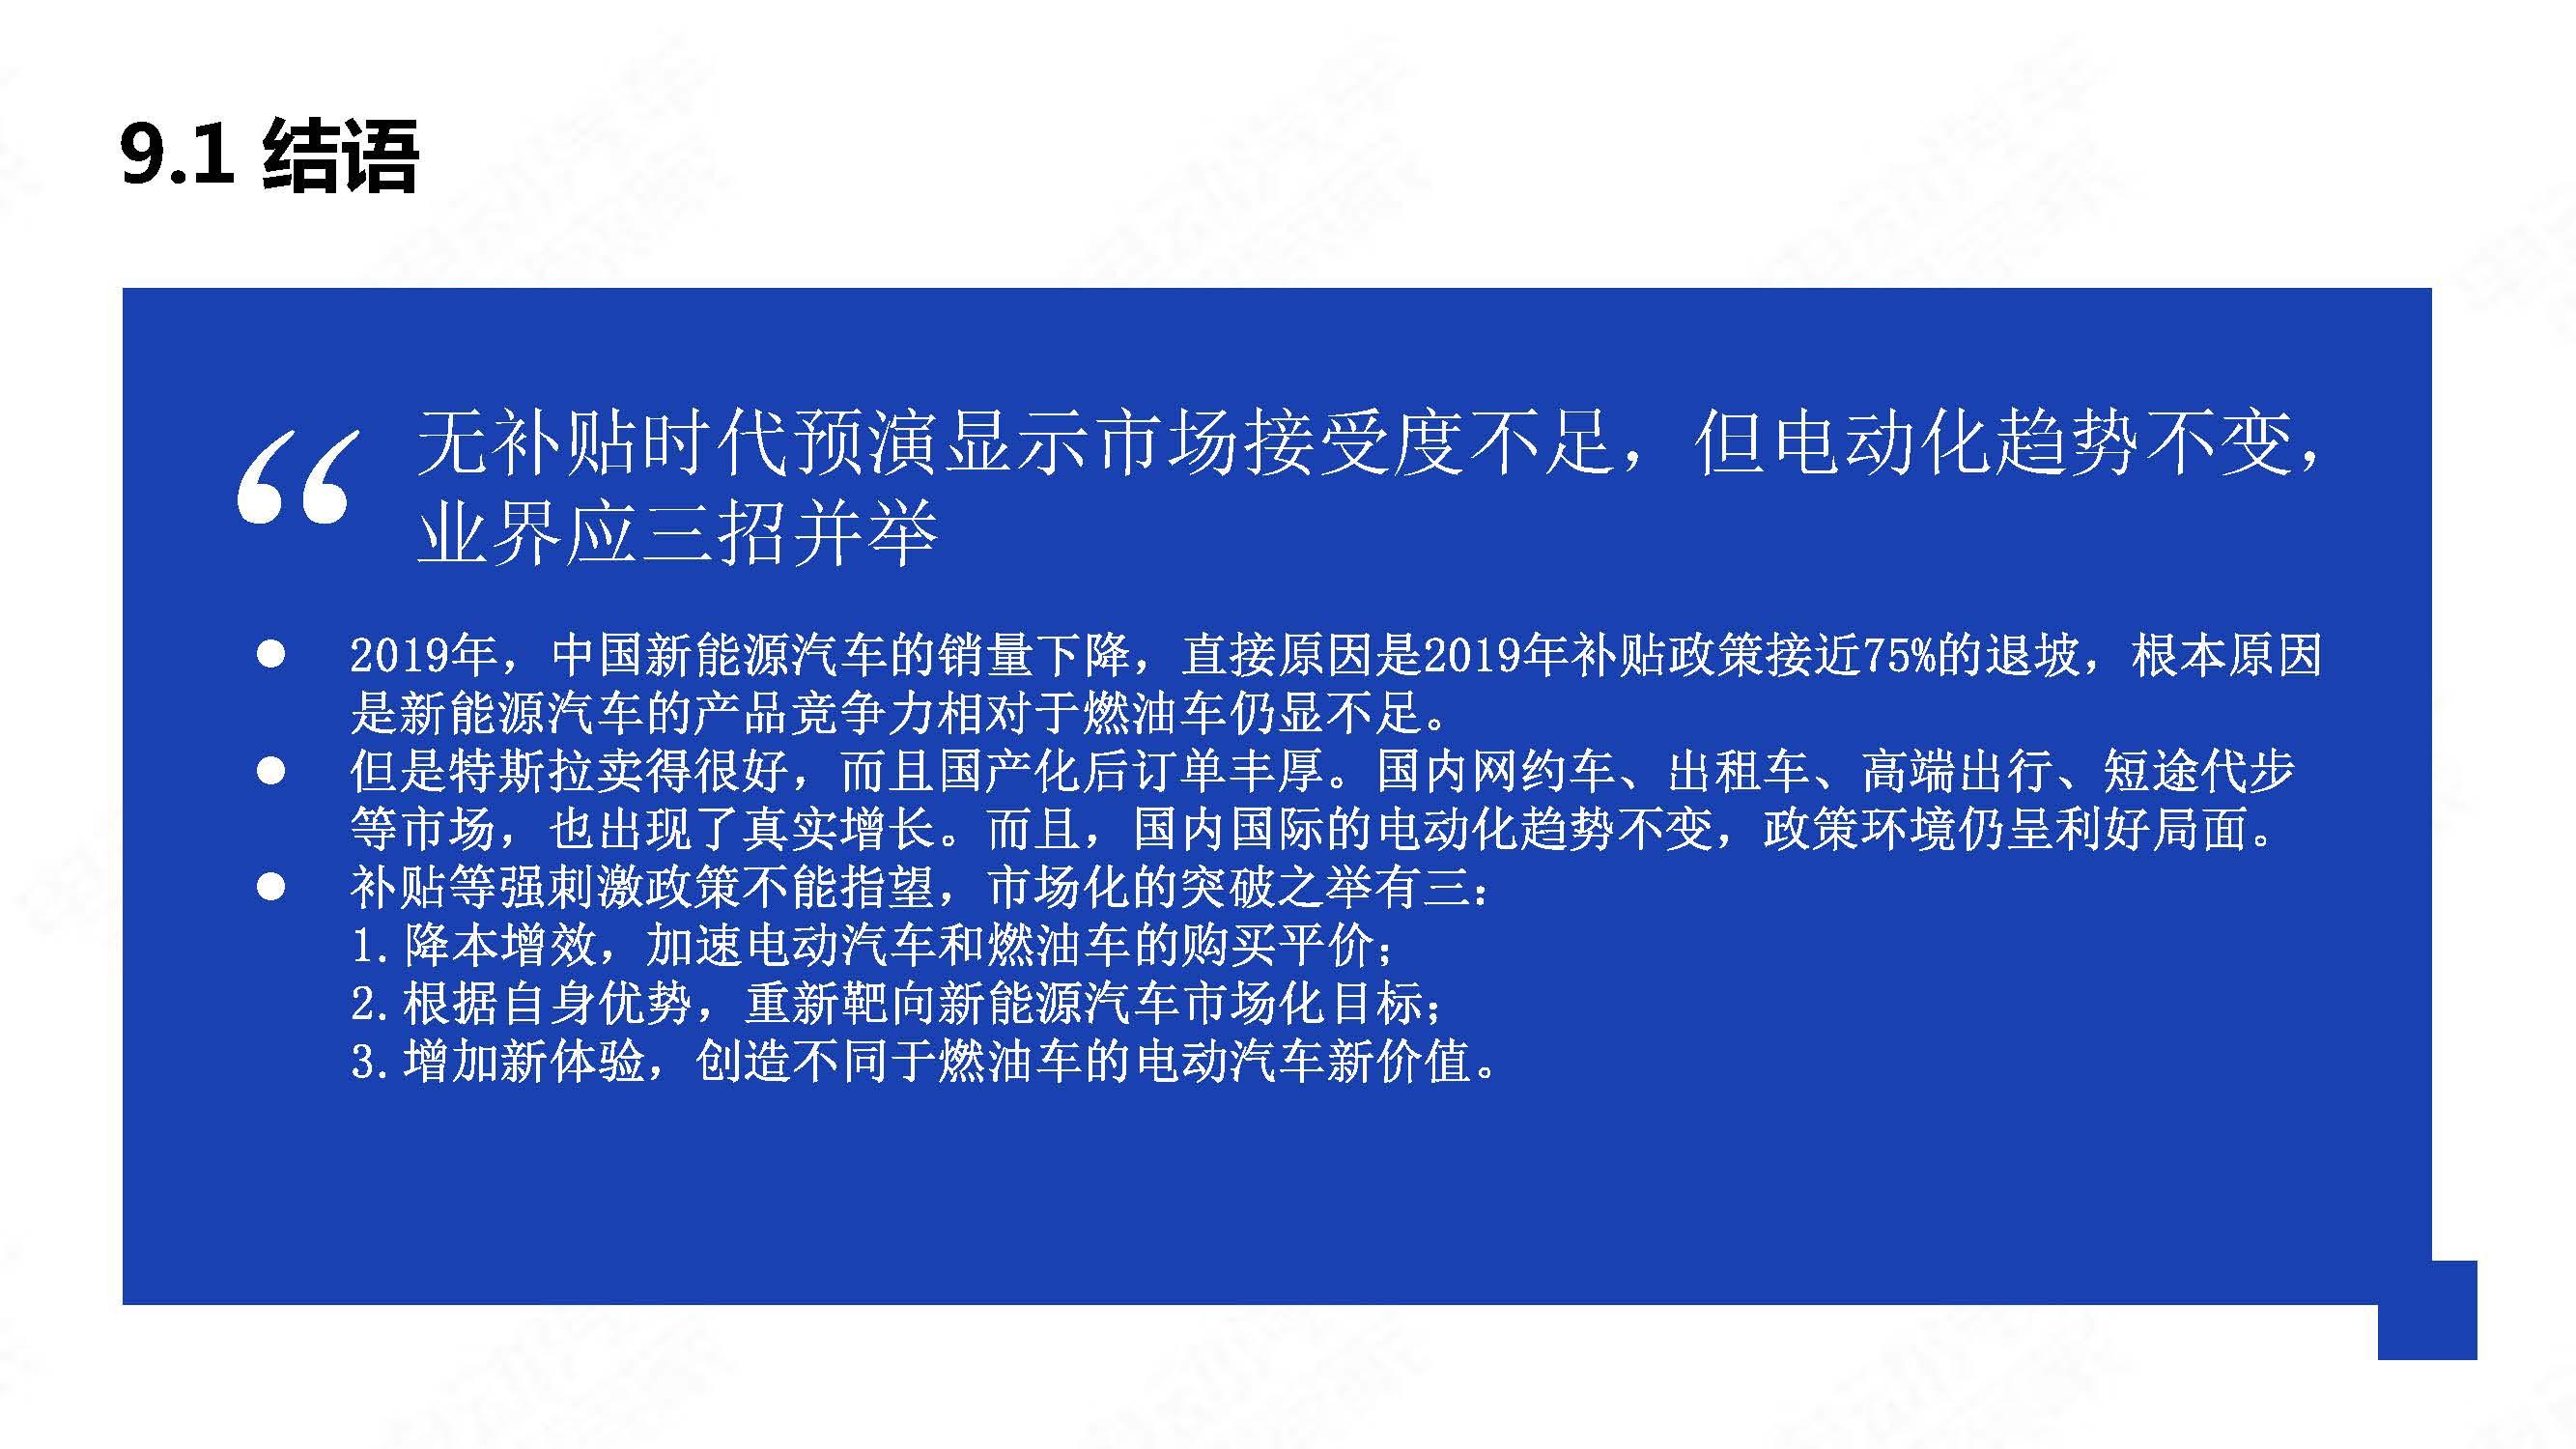 中国新能源汽车产业年度观察2020 简版_页面_52